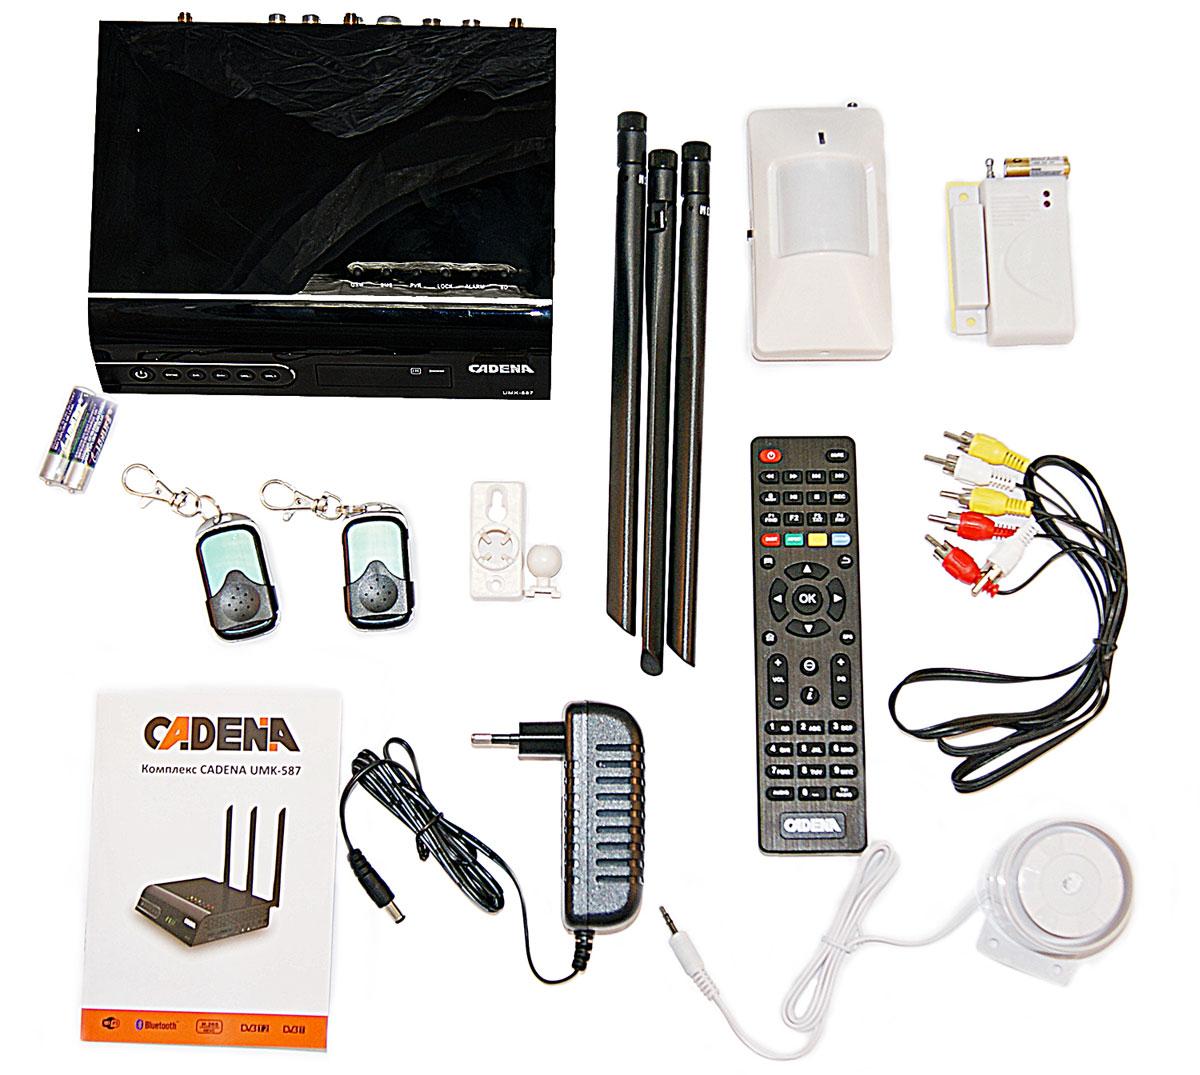 Cadena UMK-587 мультимедийный комплекс с набором датчиков - Охранное оборудование для дома и дачи